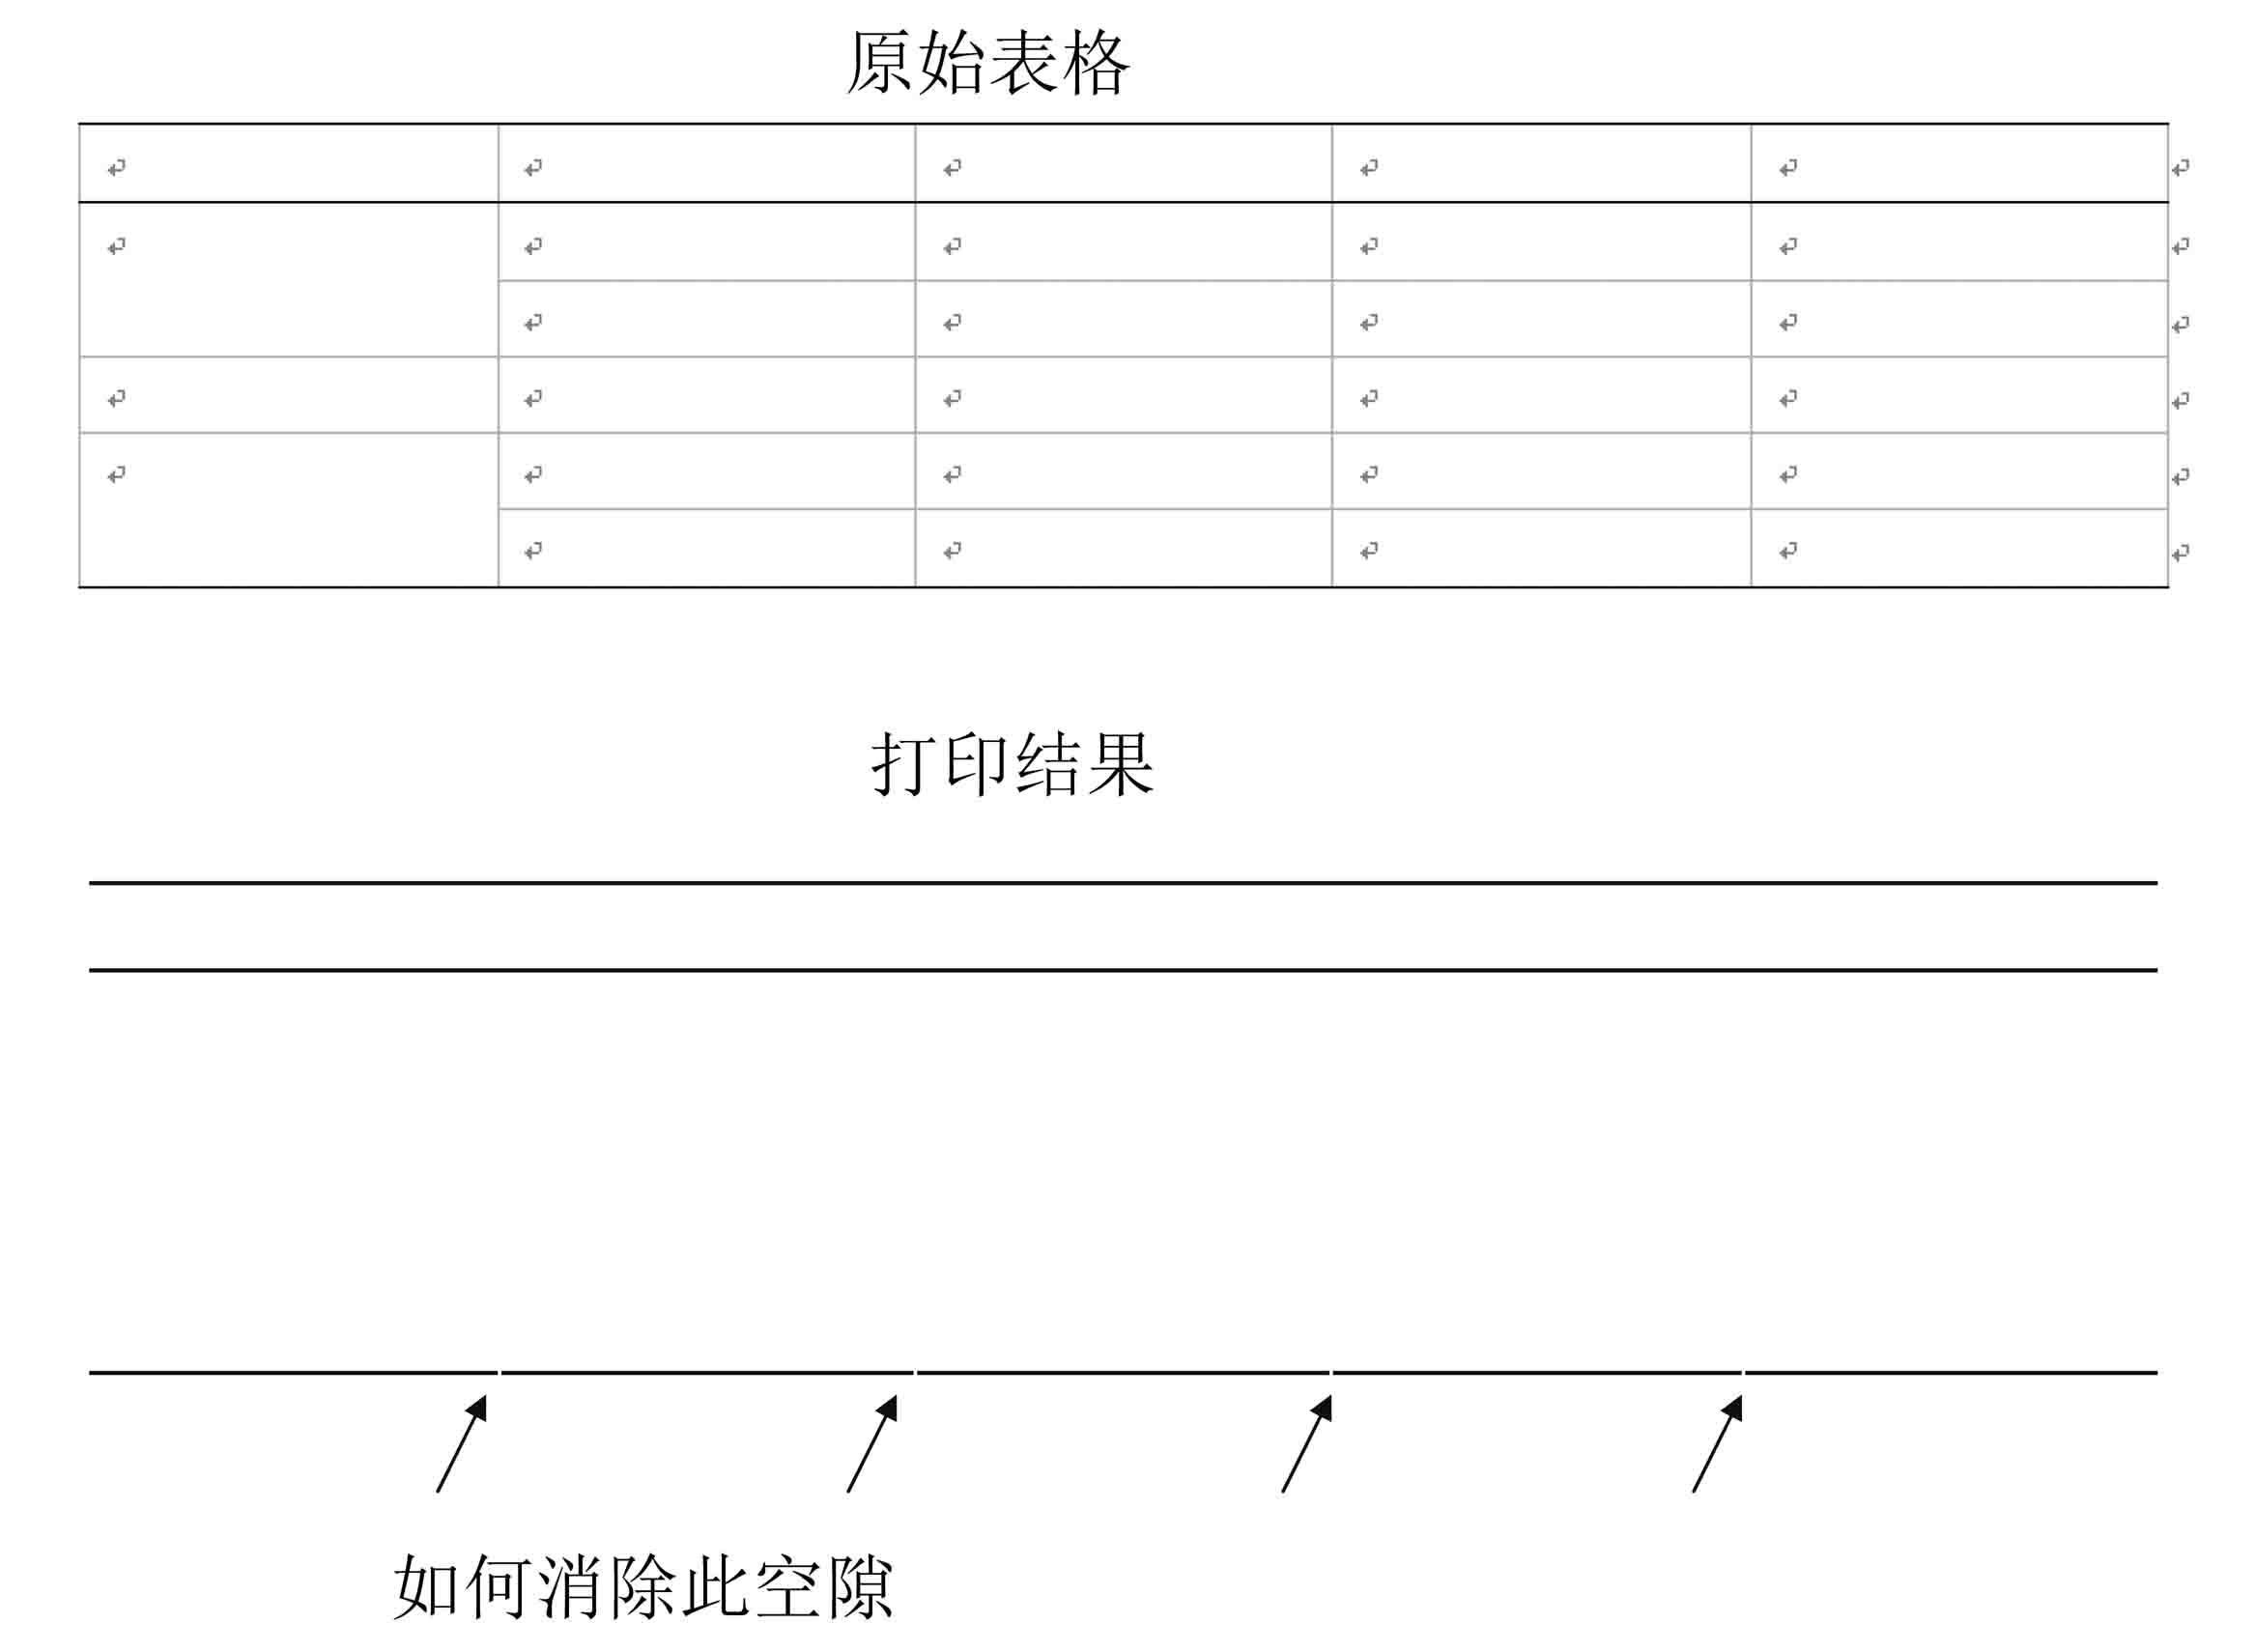 ... 省济宁市供电局公司职工运动会,陈晓吻戏床大全露胸